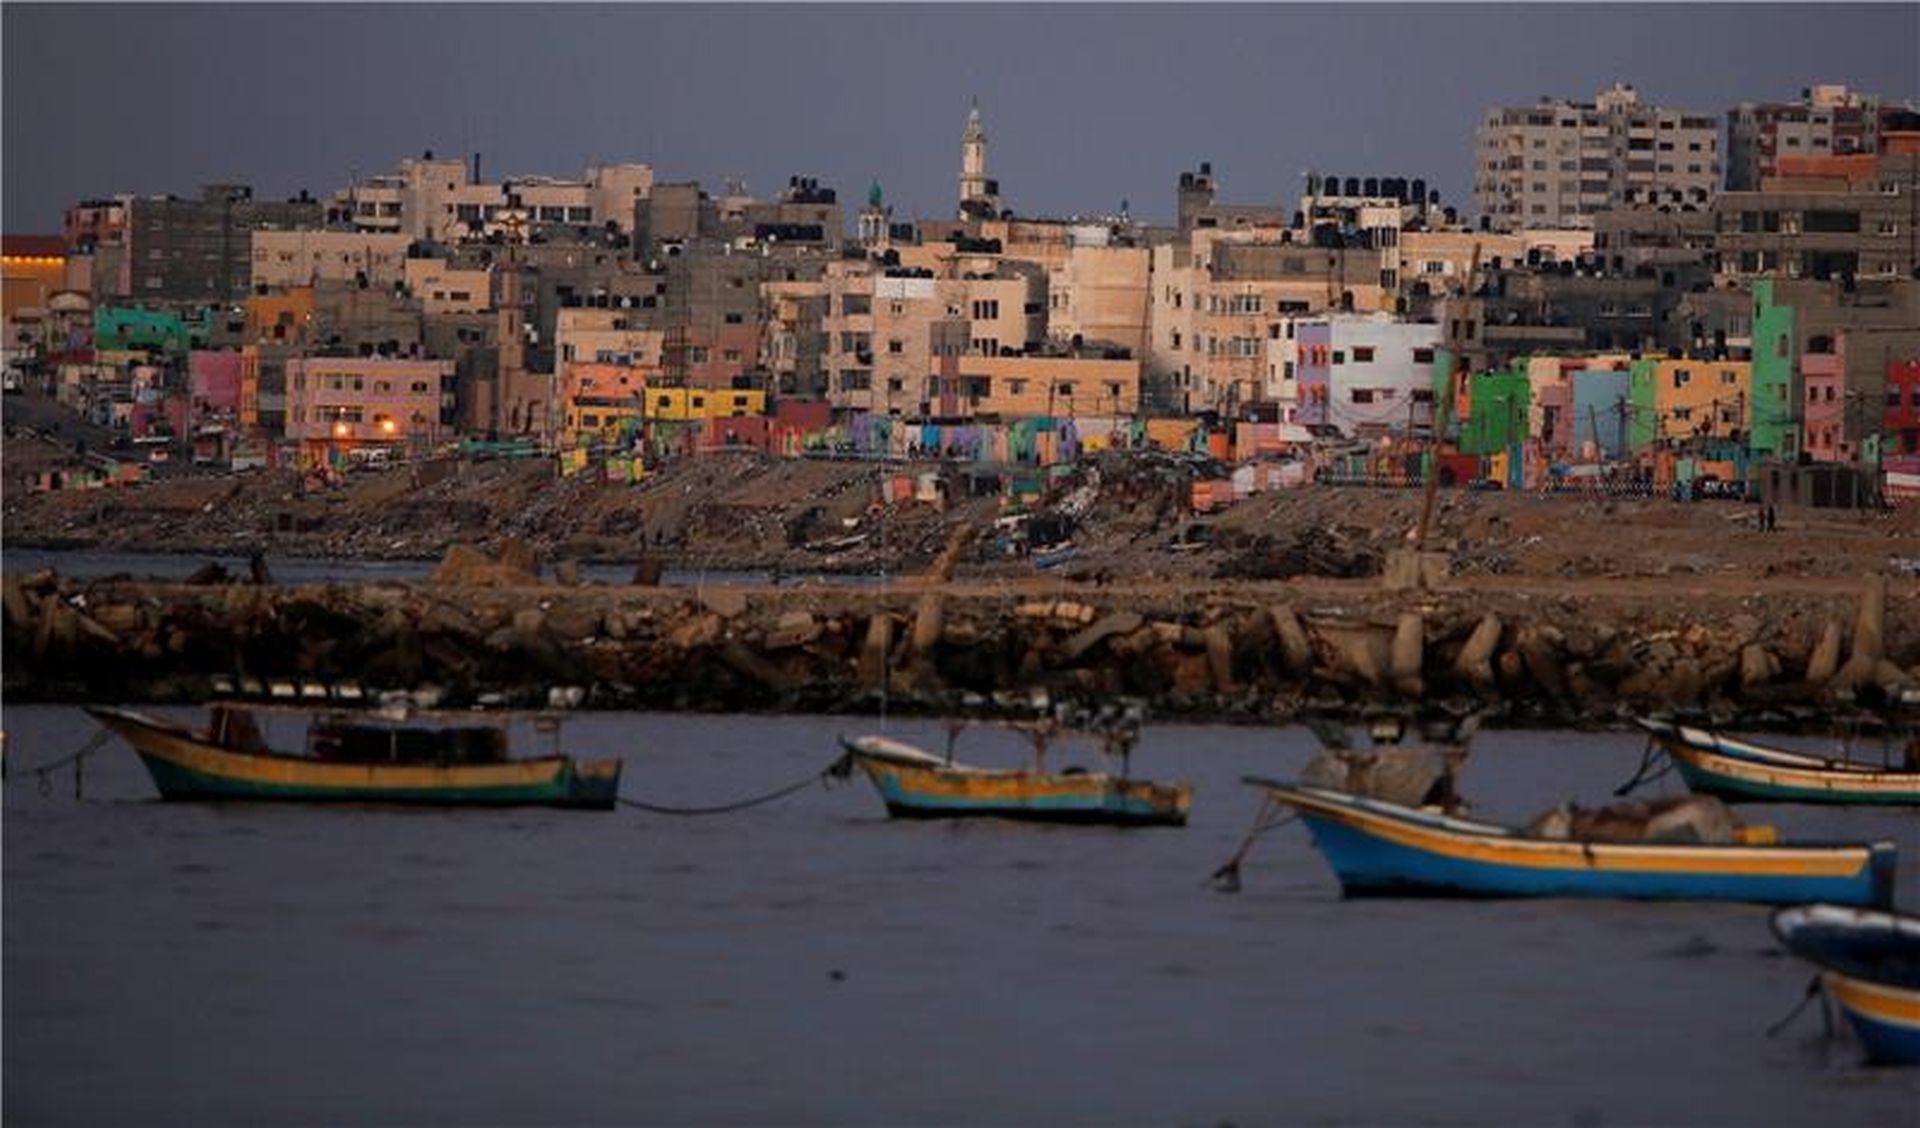 Međunarodna flotila približava se Pojasu Gaze